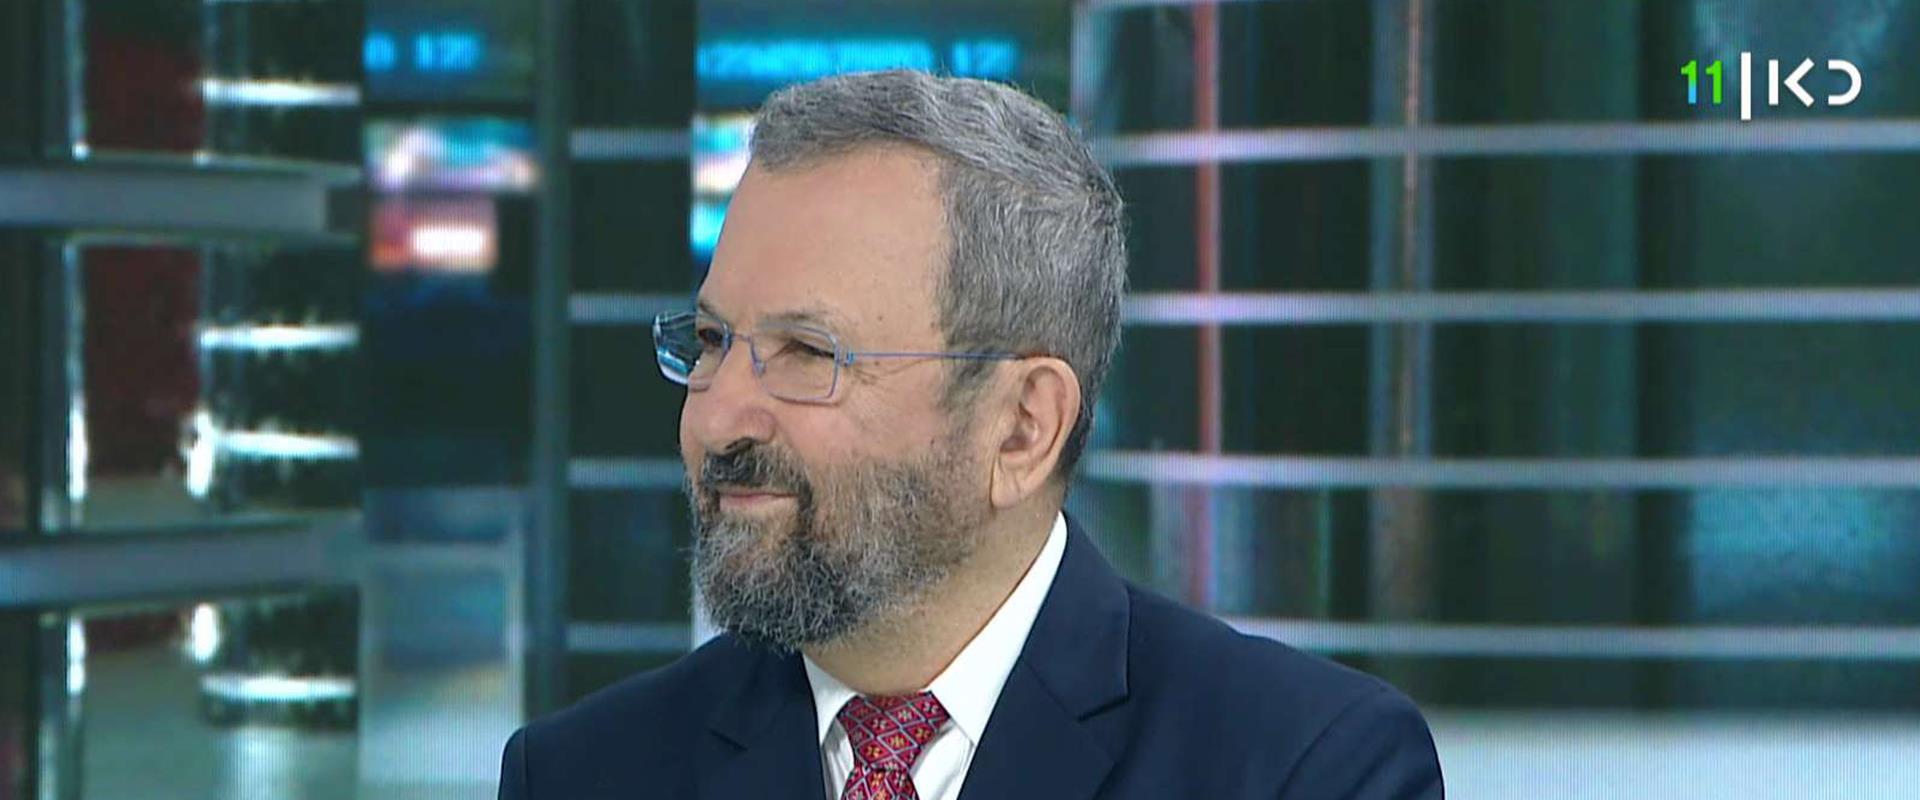 ראיון עם אהוד ברק